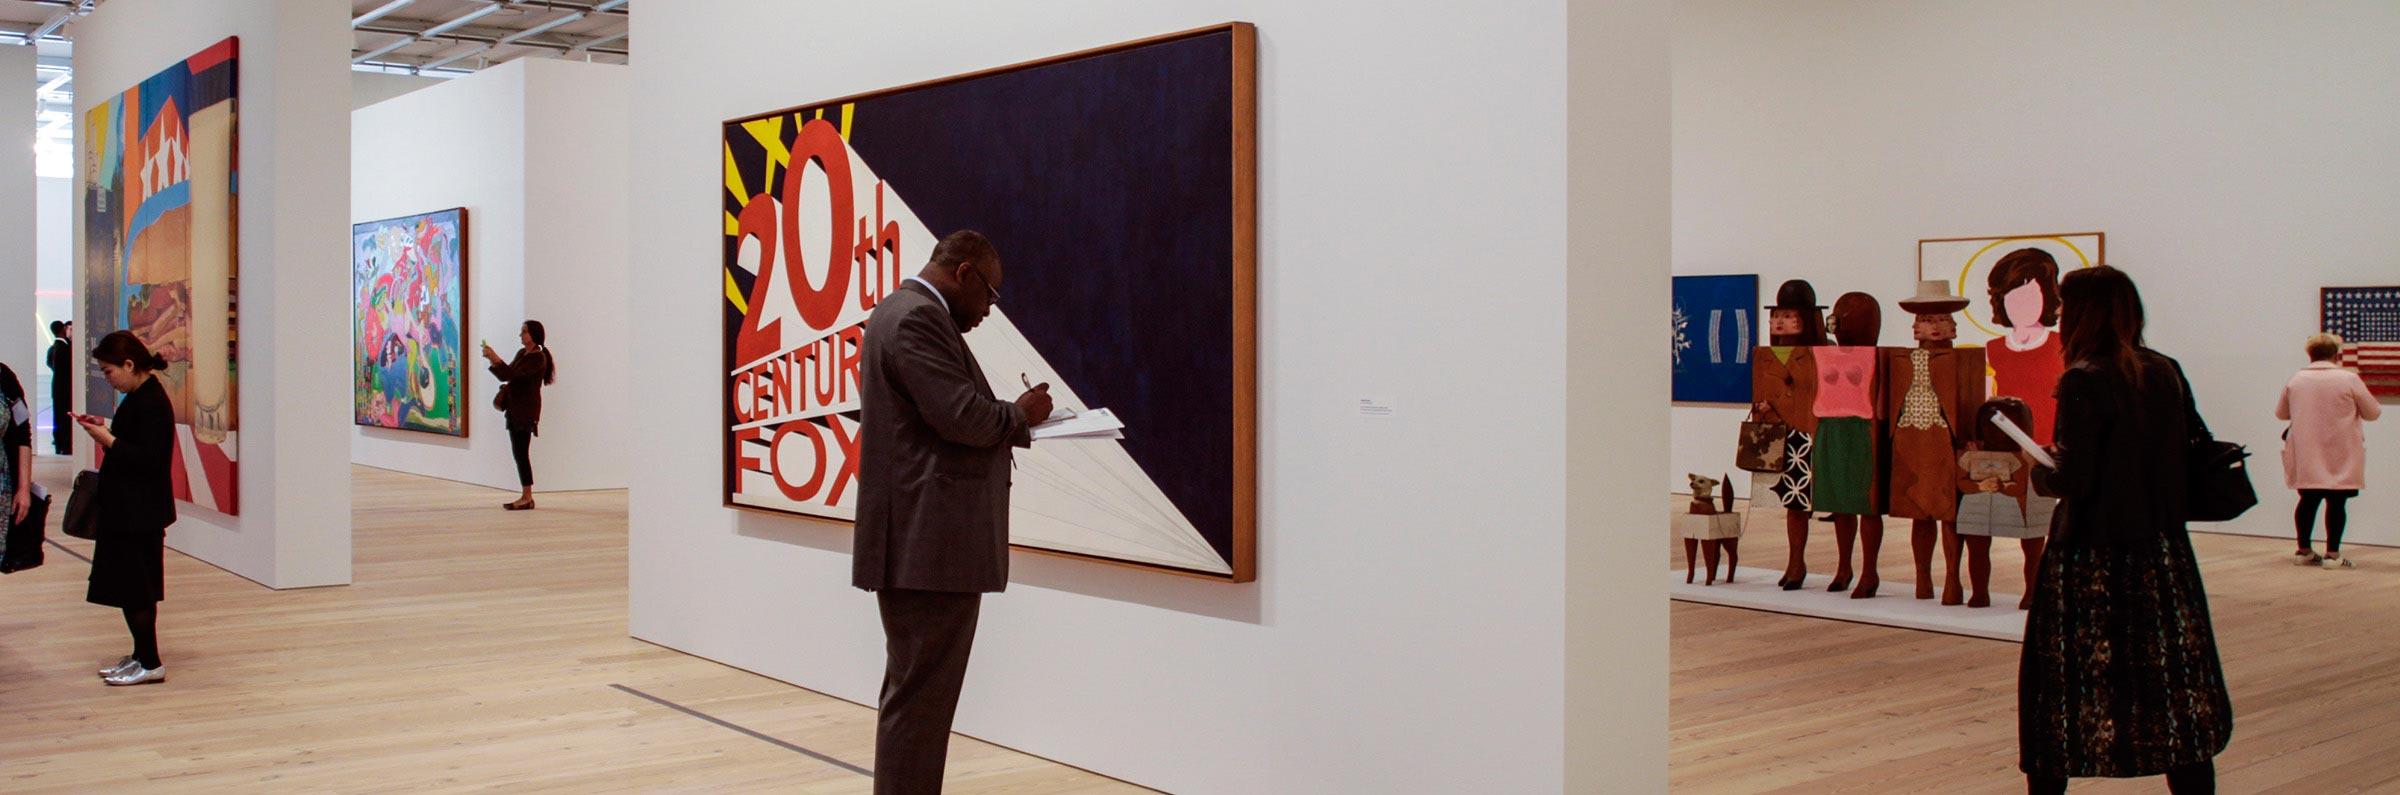 Artes y cultura in Nueva York